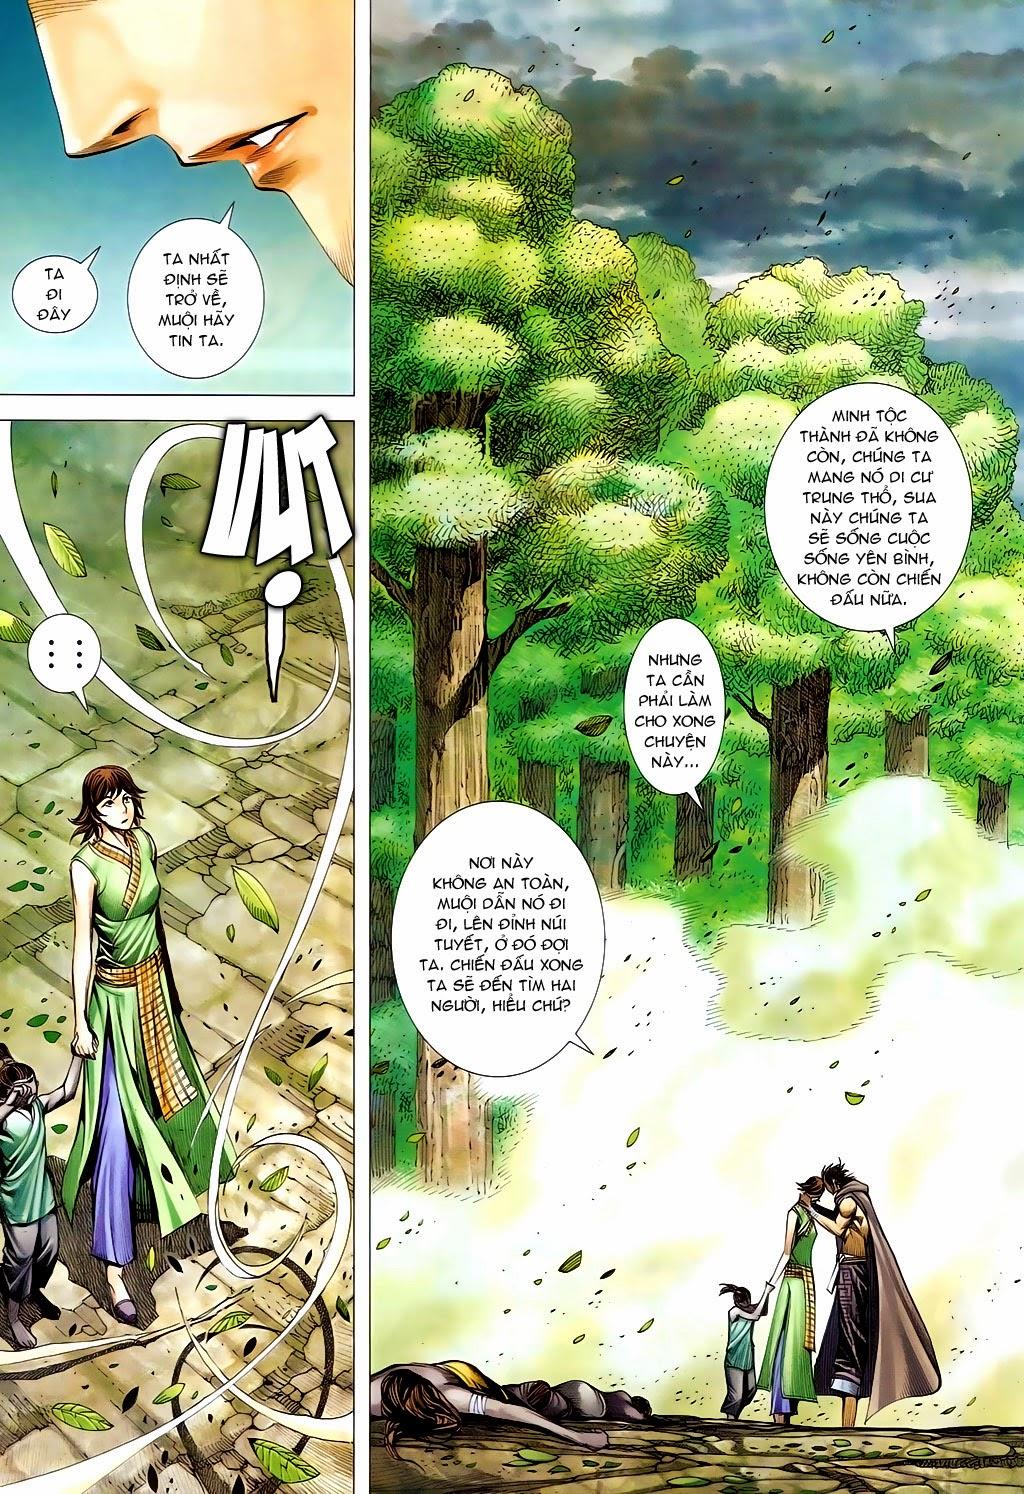 Phong Thần Ký Chap 171 - Trang 27